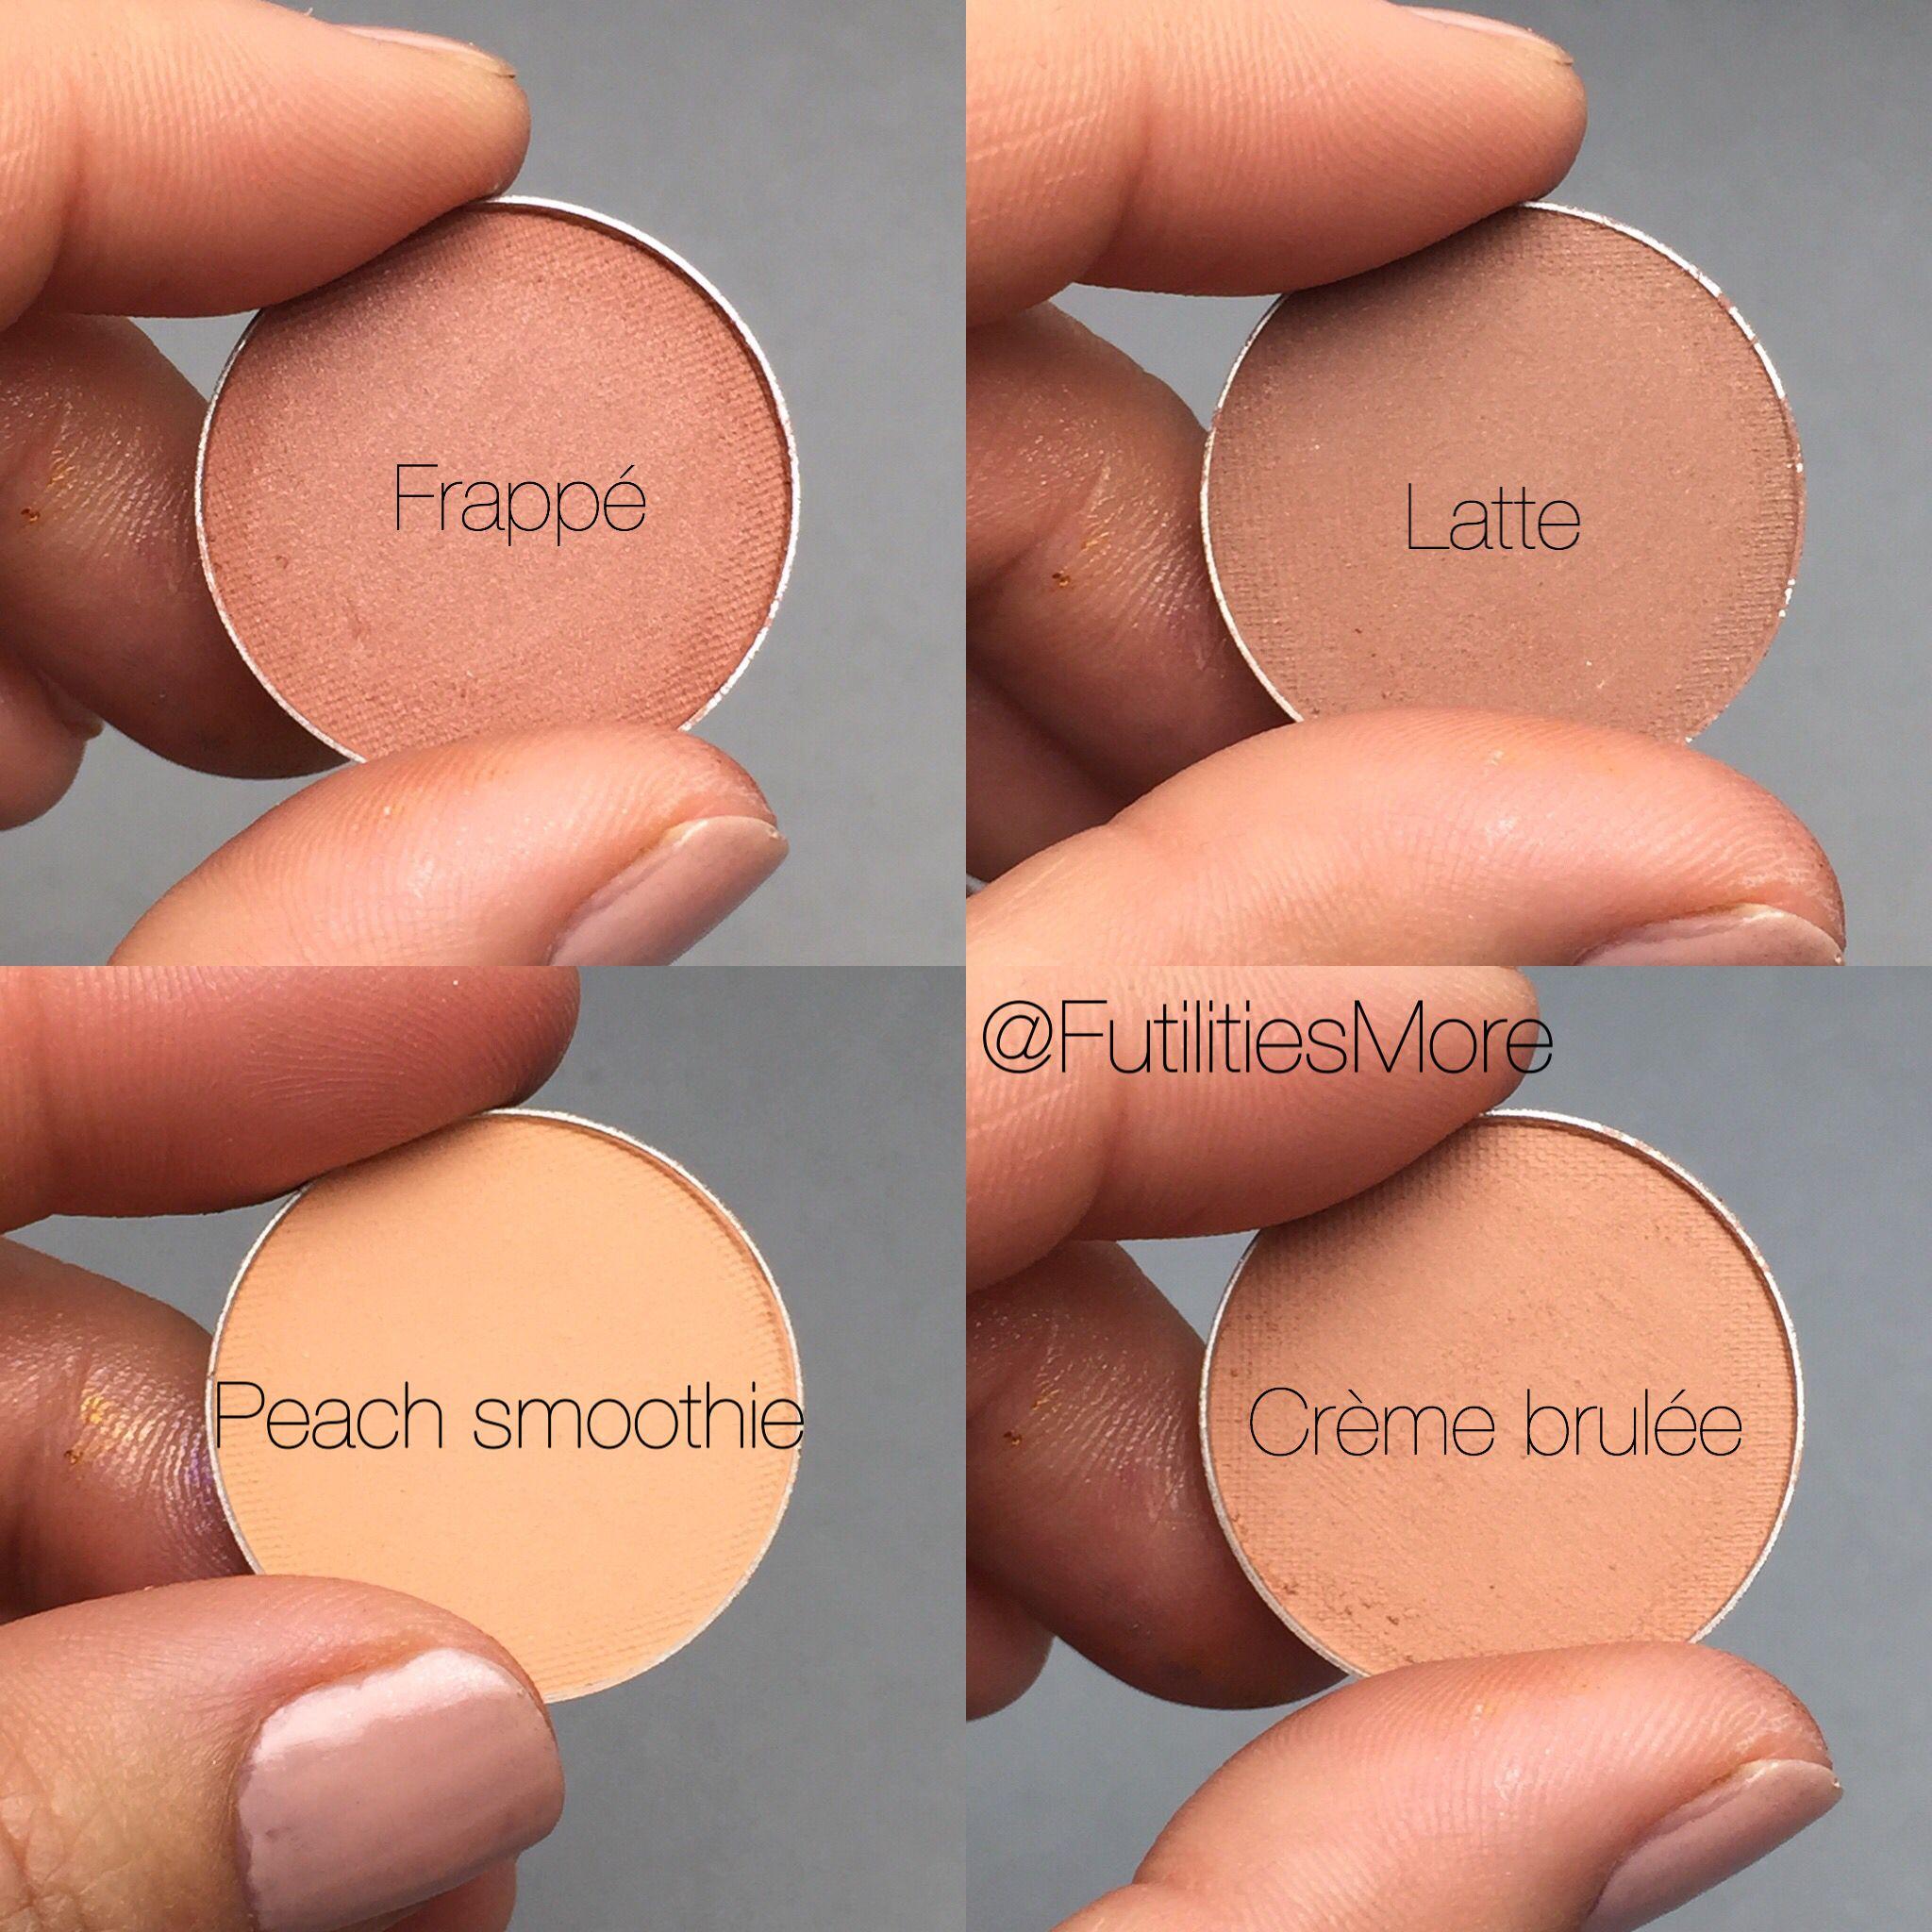 Makeup Geek Brown Eyeshadows Swatches Peach Smoothie Creme Brulee Frappe Latte Makeup Geek Eyeshadow Makeup Geek Makeup Geek Peach Smoothie